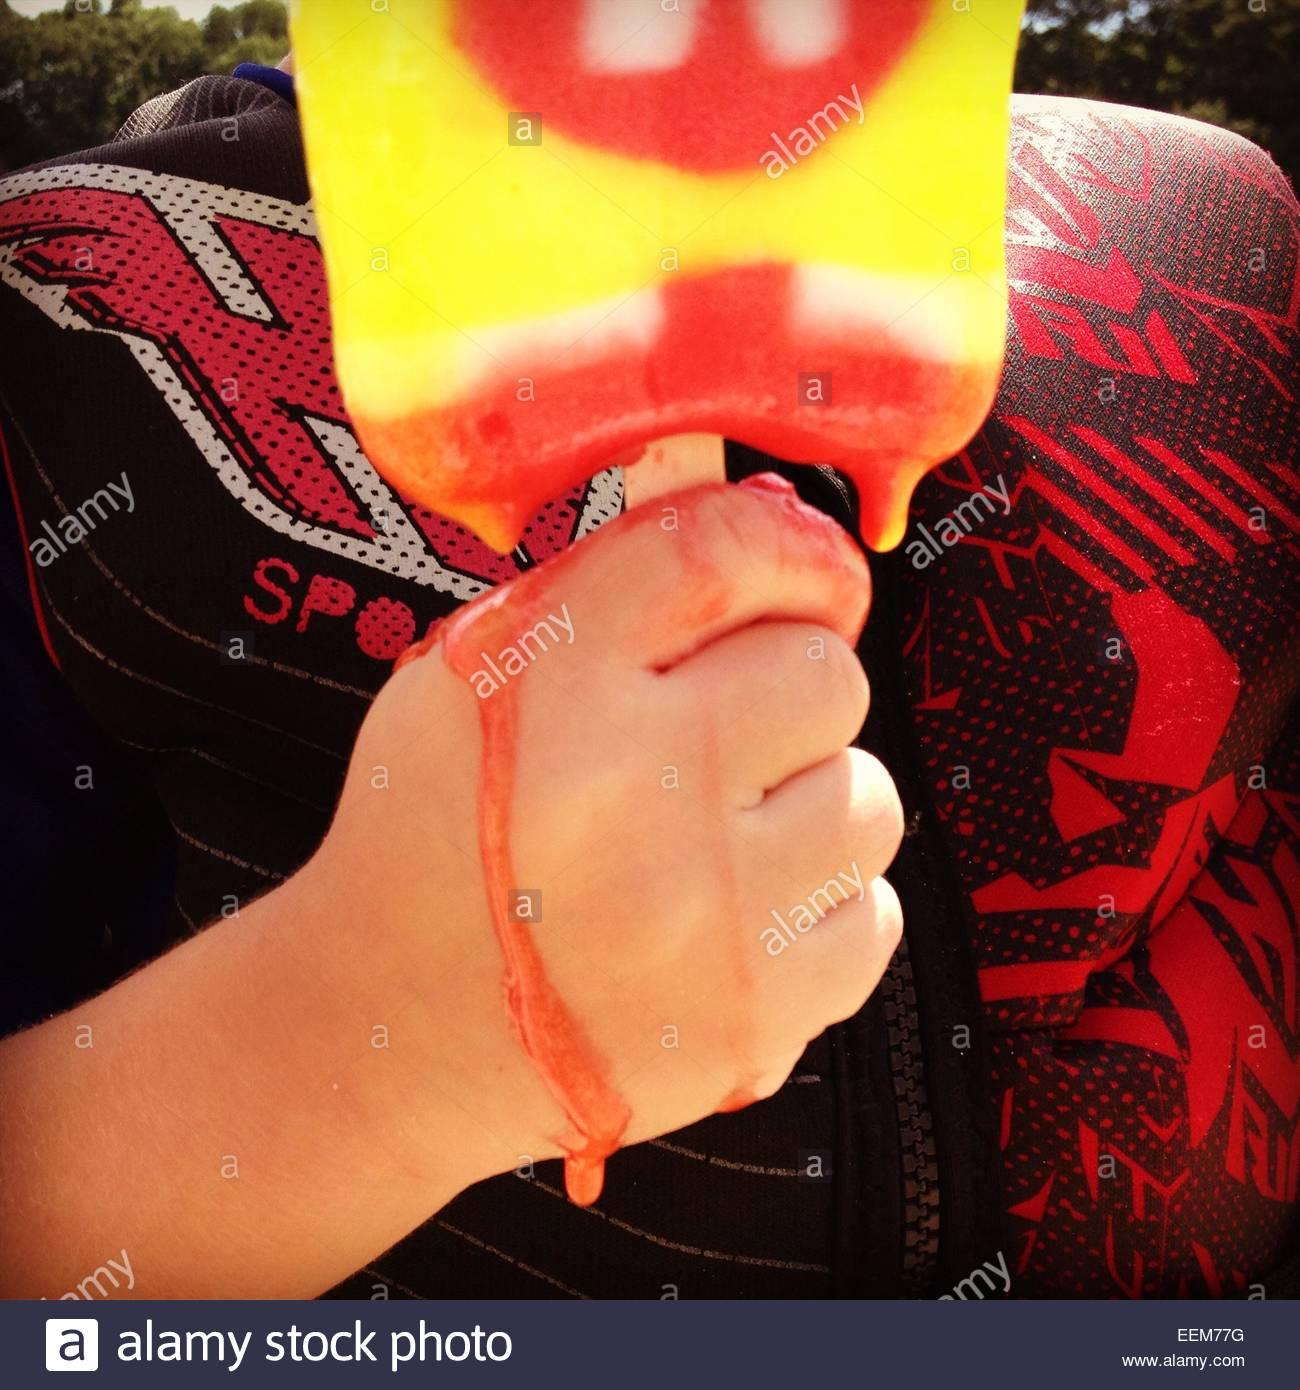 Boy holding melting ice cream bar - Stock Image